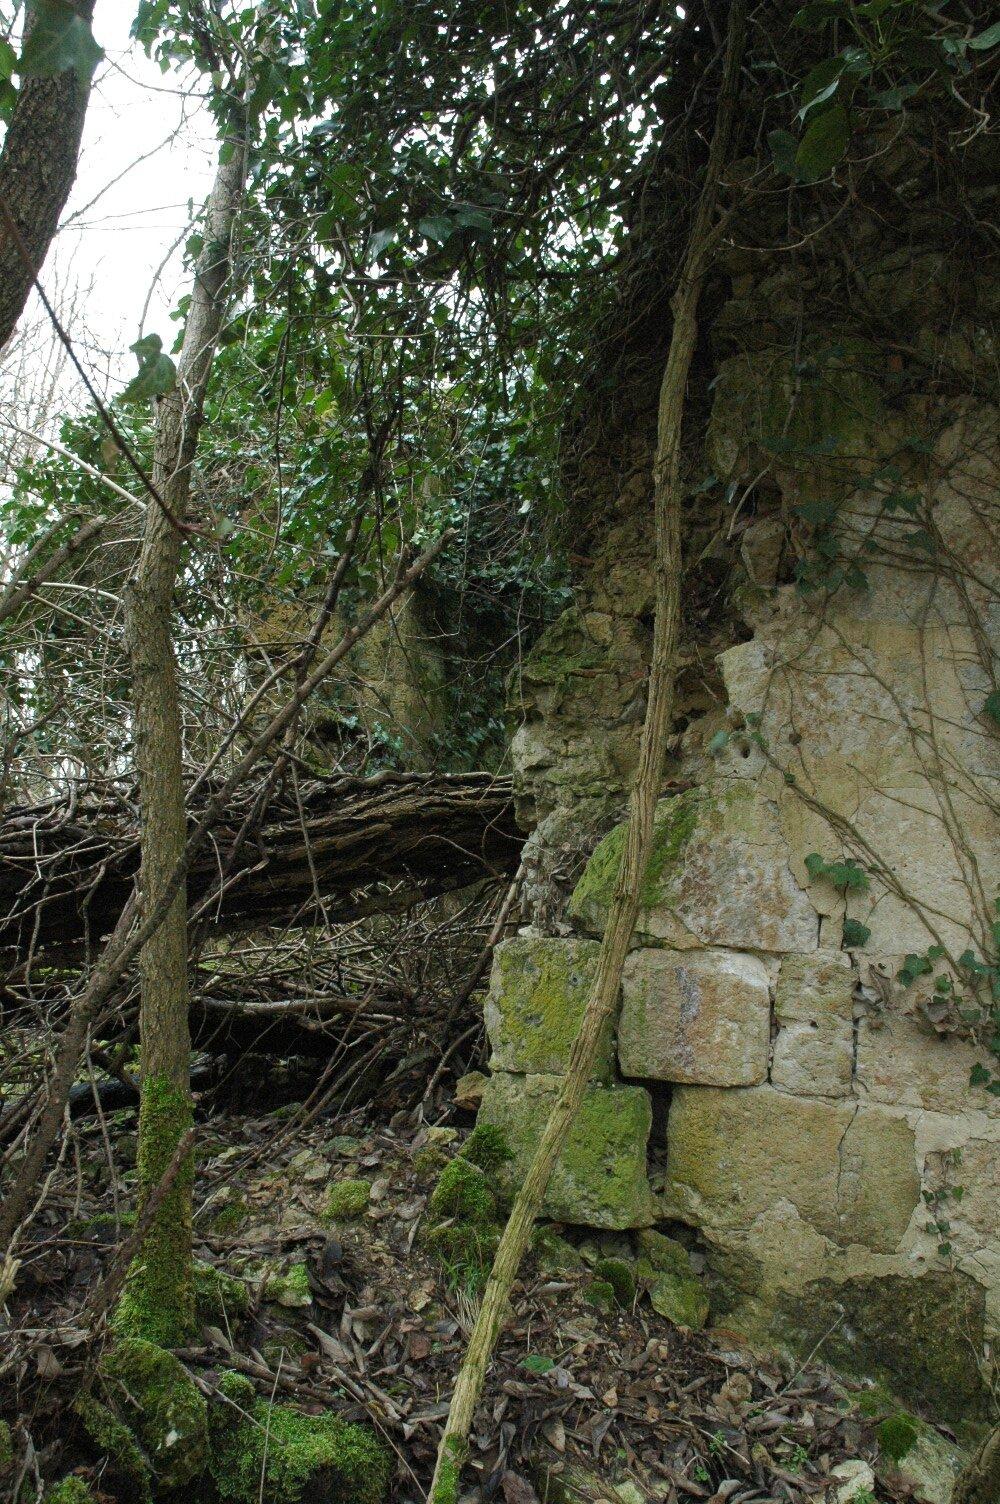 De plus près abside détruite par la chute d'un arbre